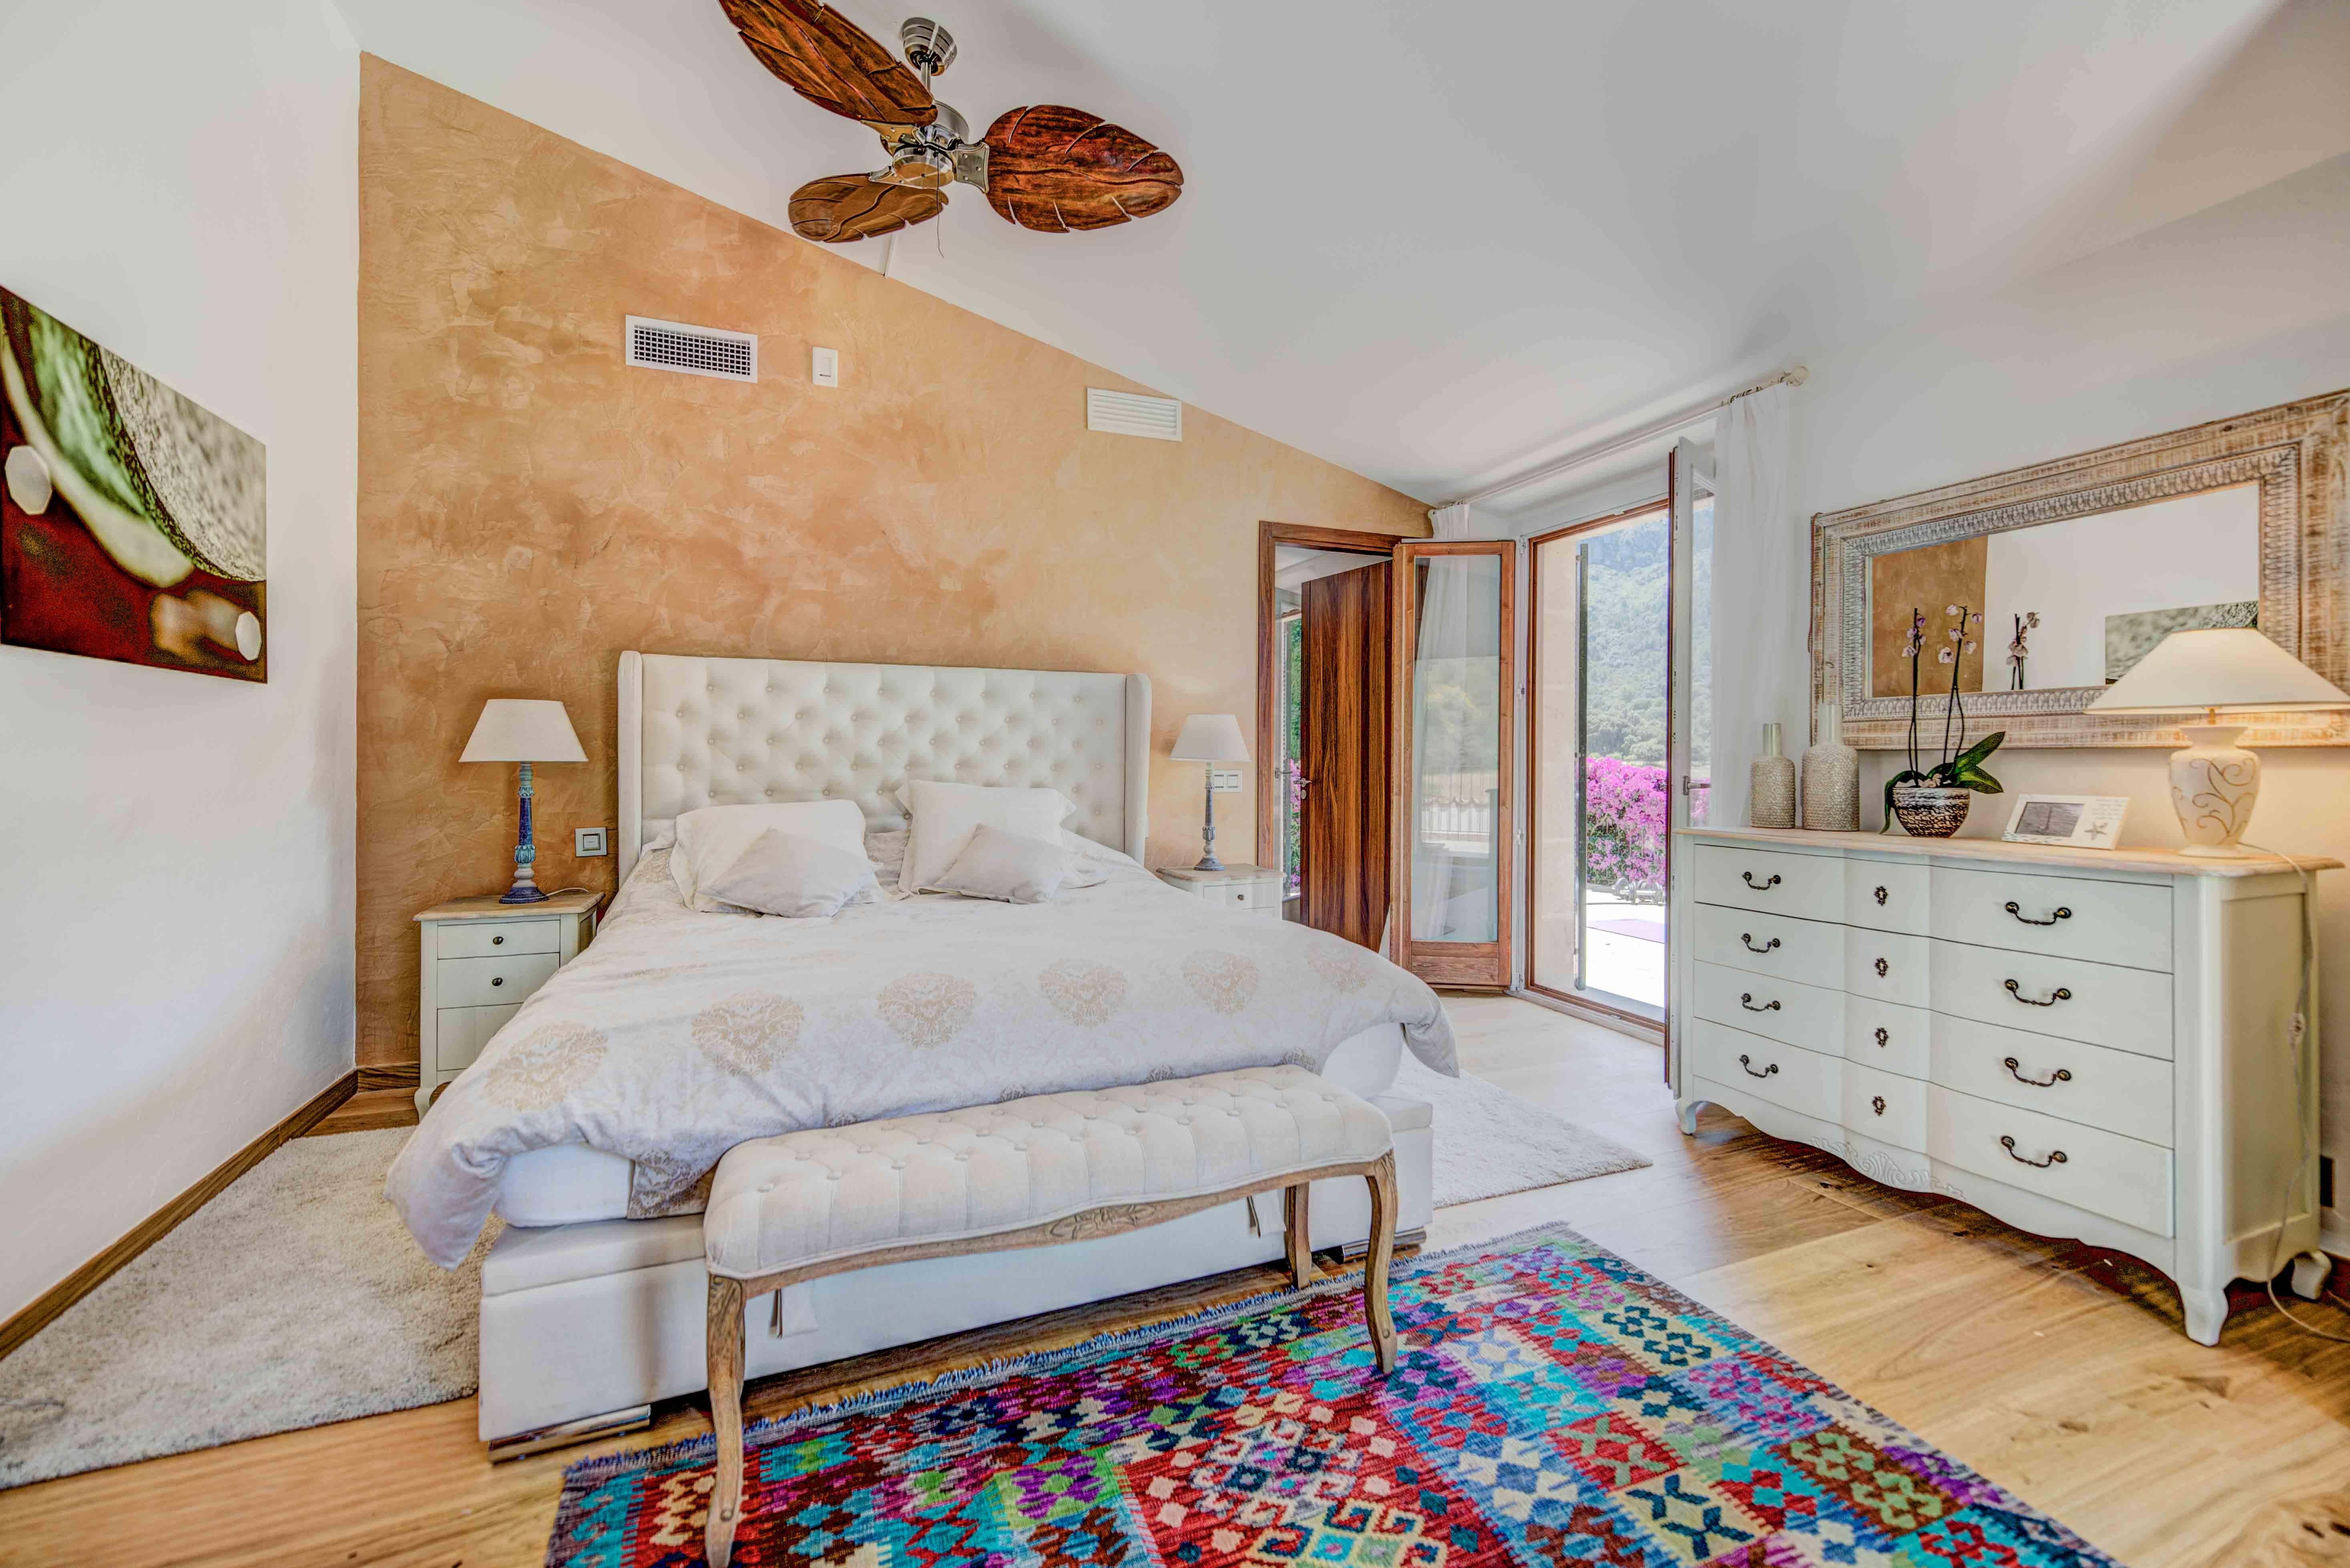 ... Schlafzimmer Mit Doppelbett Und Deckenventilator ...